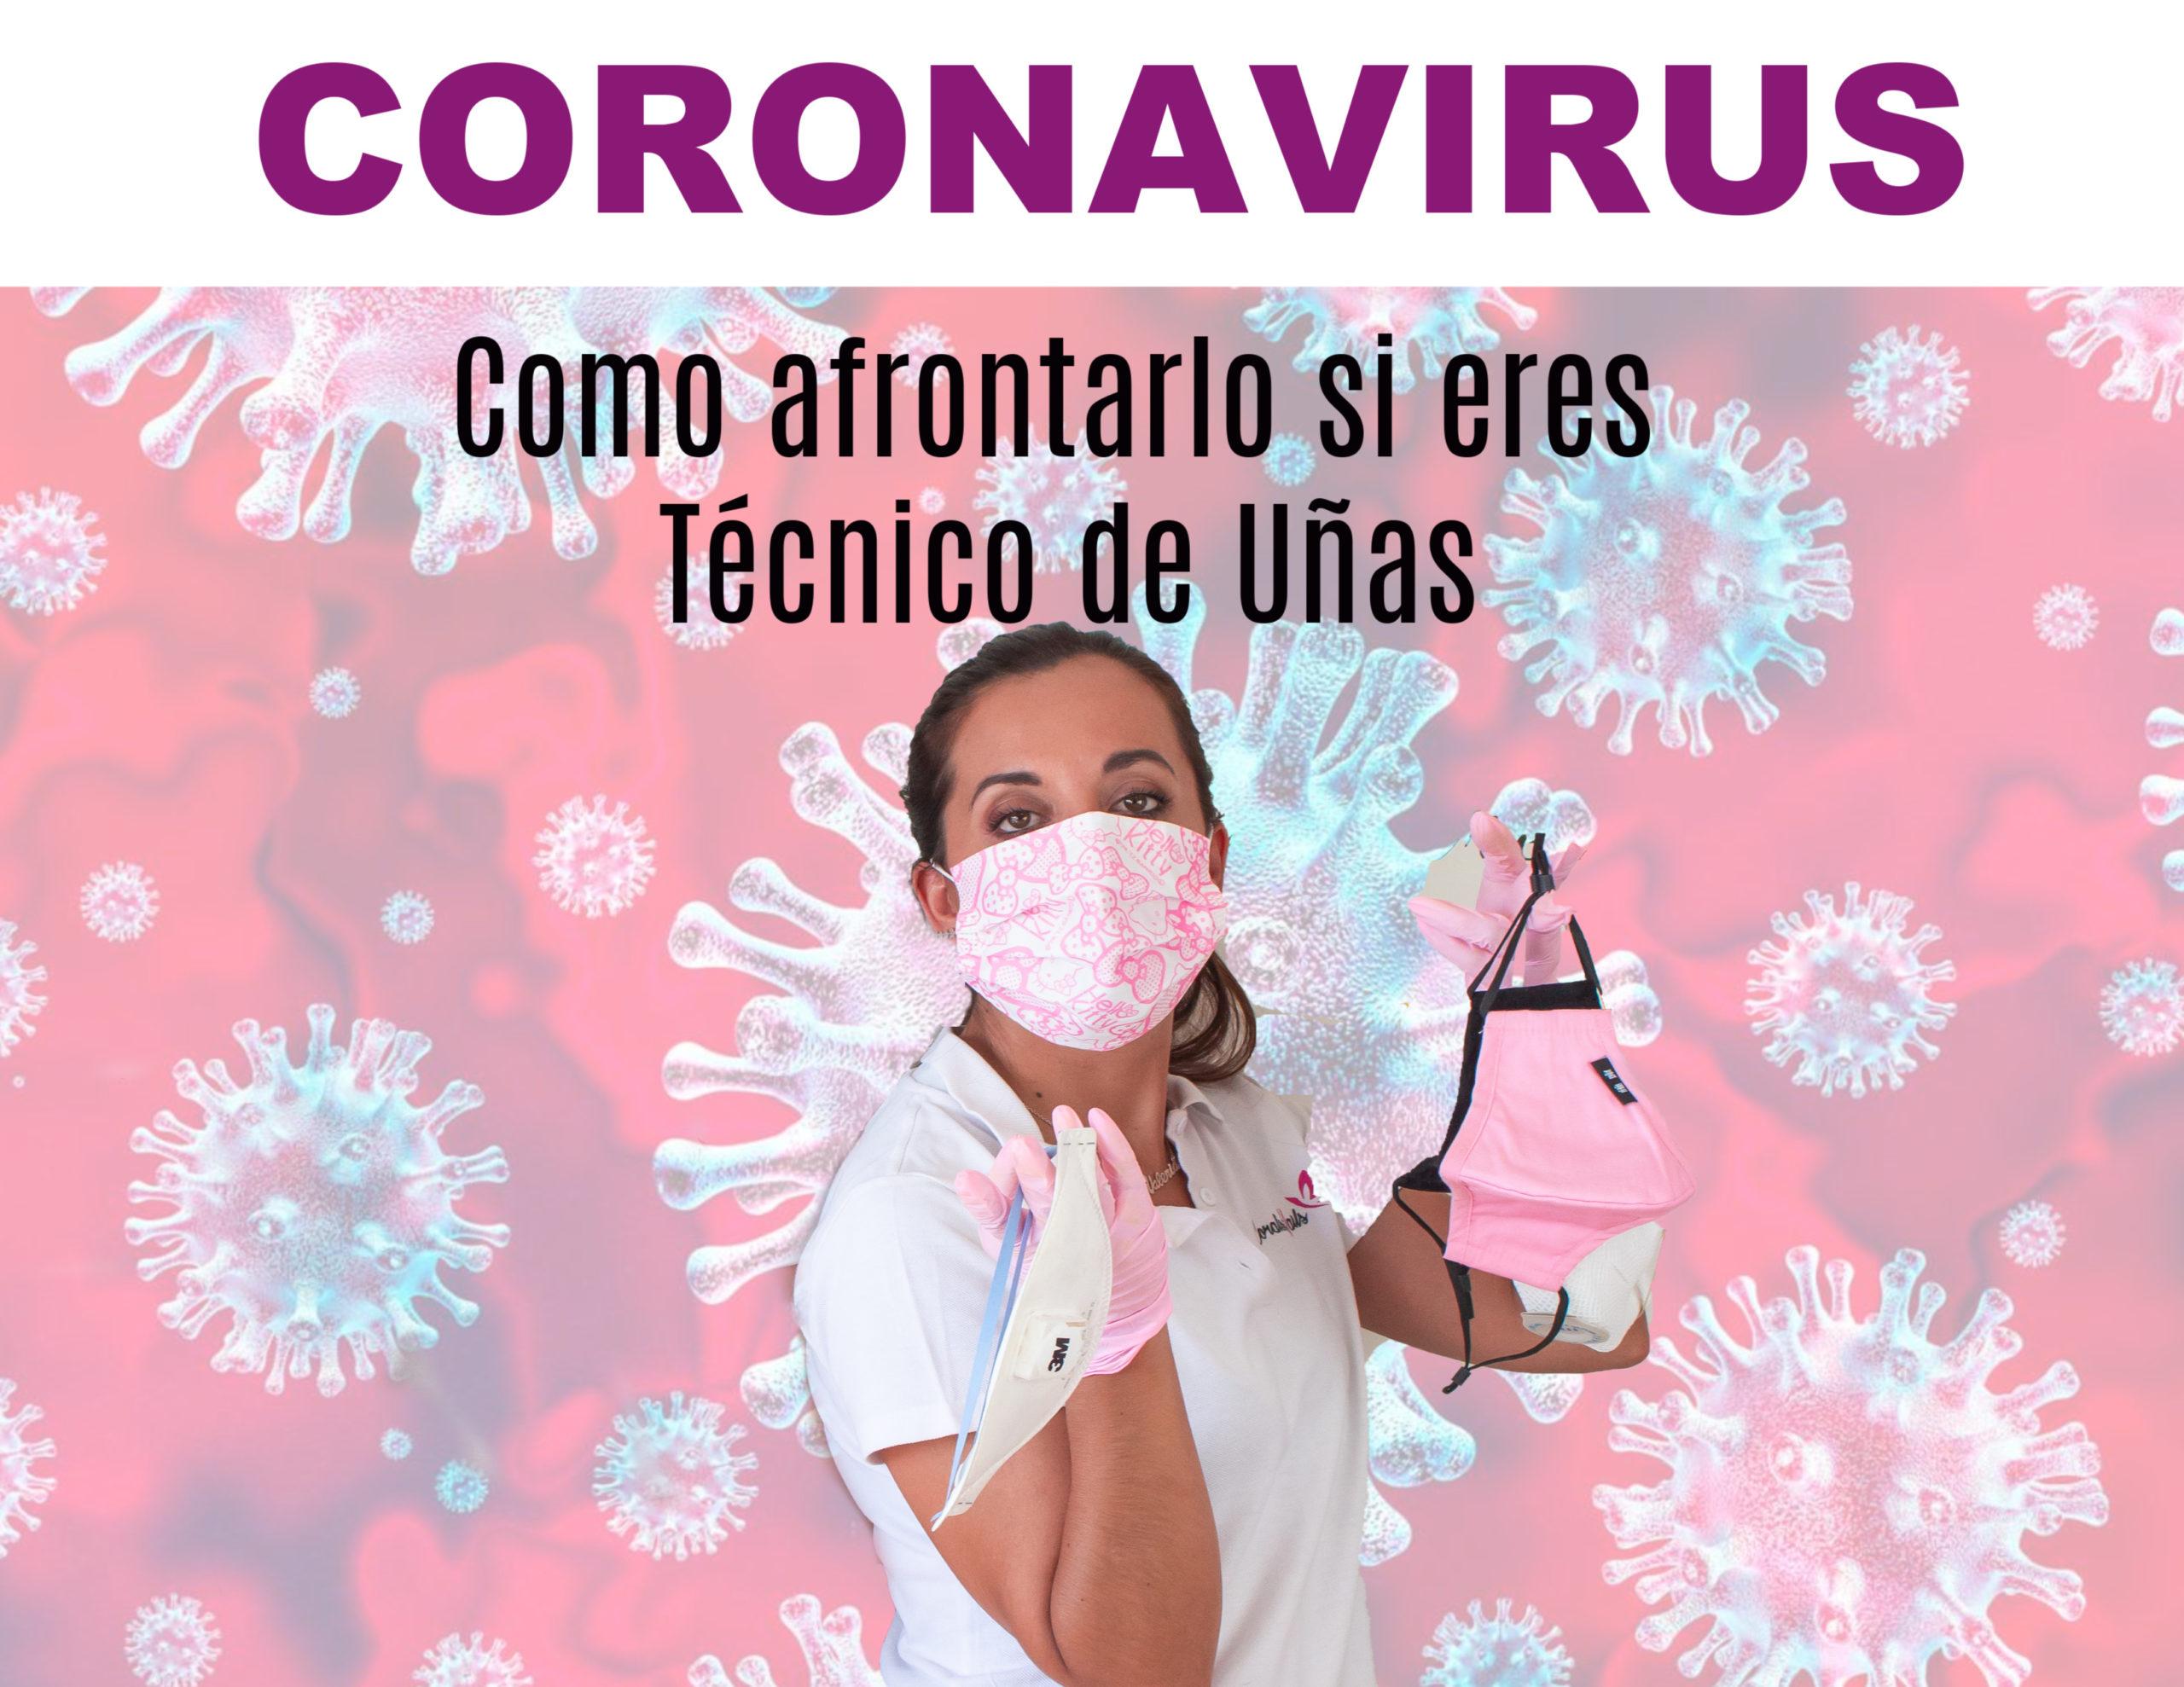 Como afrontar la crisis del Coronavirus si eres Técnico de Uñas